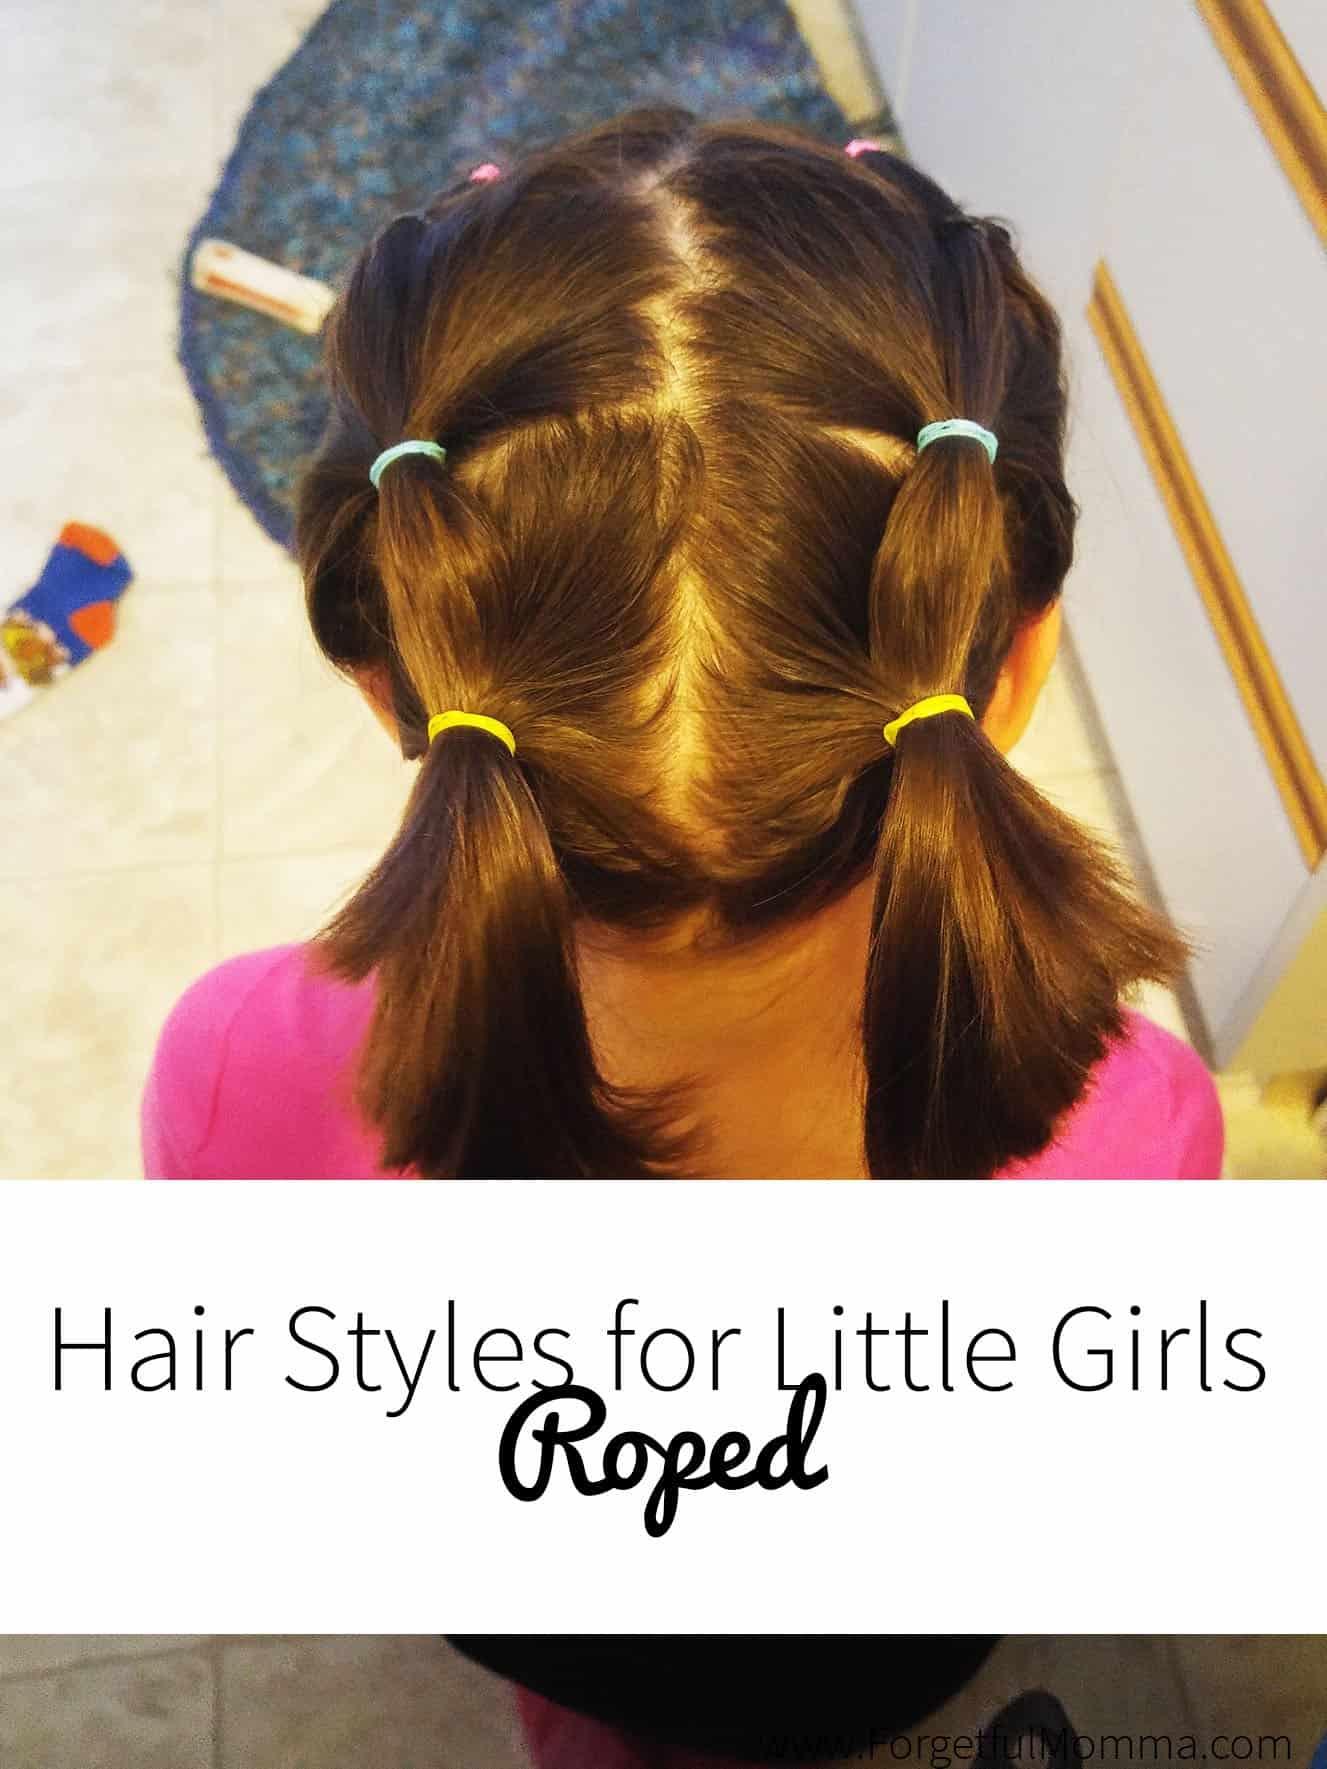 Little Girl Hair Styles - Roped